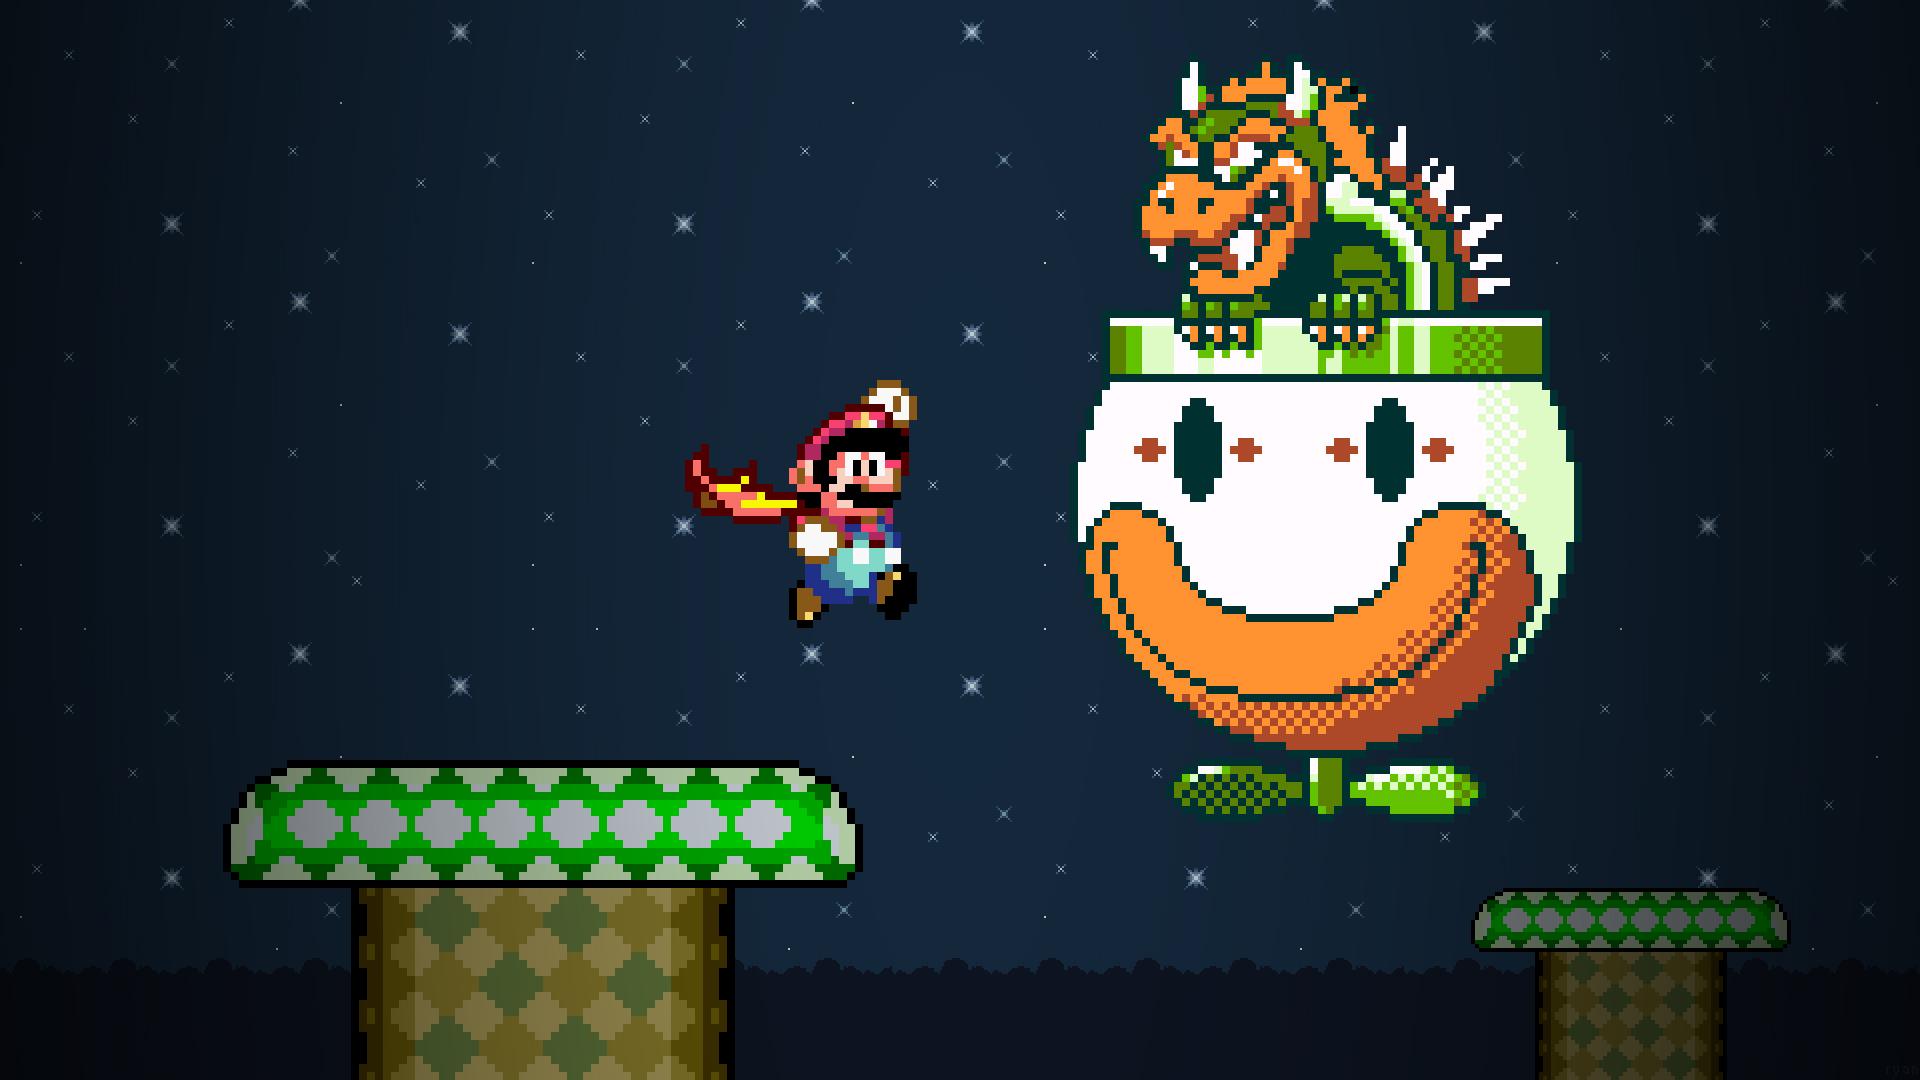 Super Mario World Fond D'écran HD